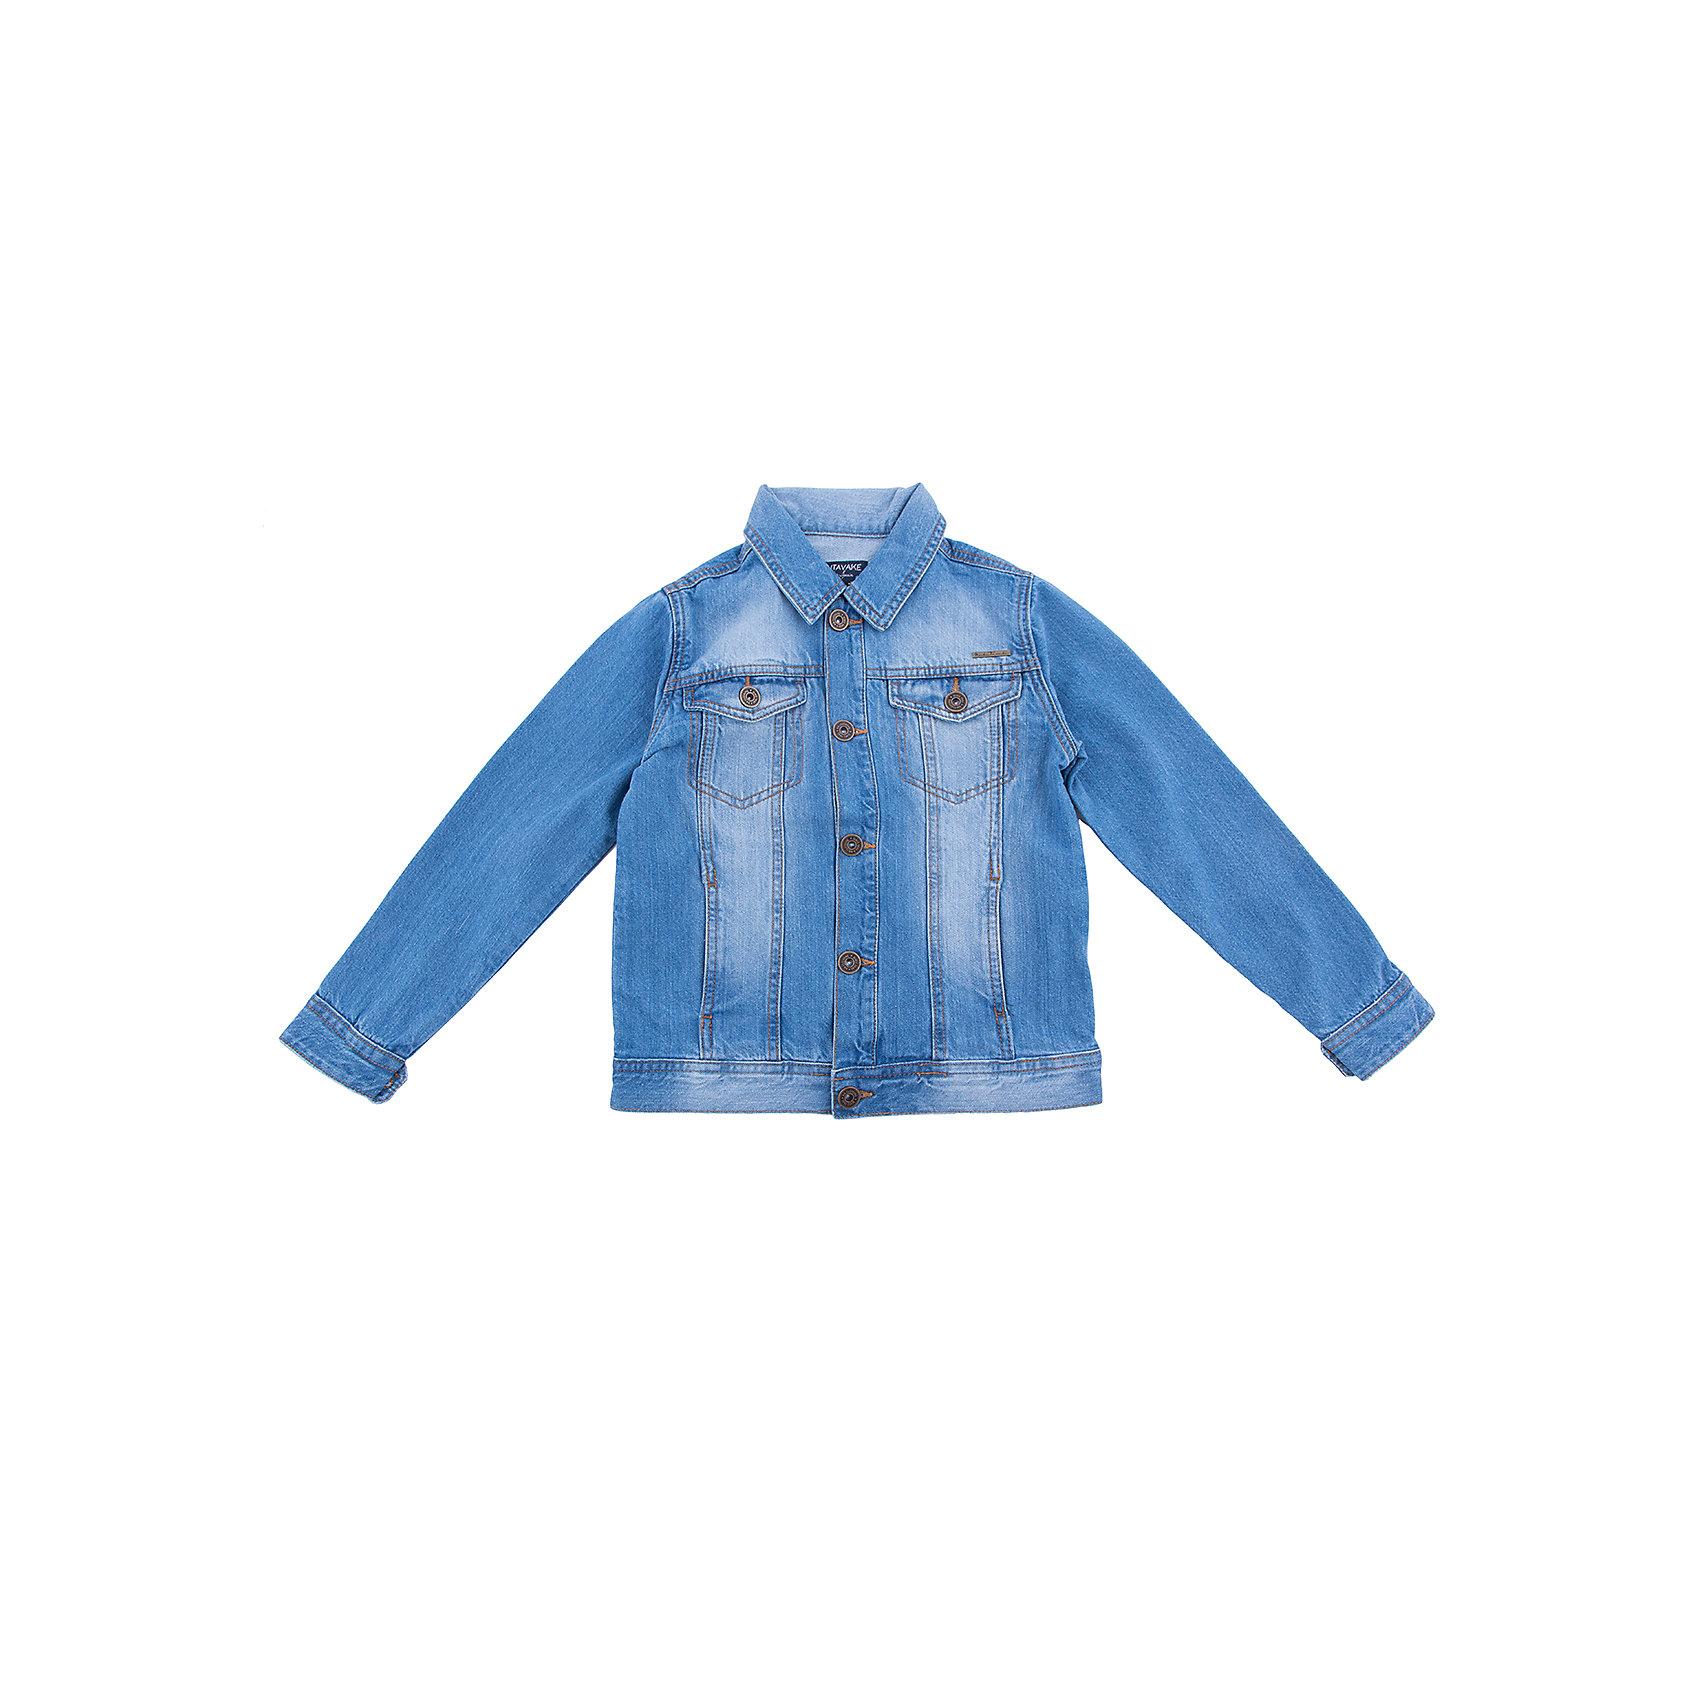 Куртка  для мальчика MayoralКуртка для мальчика от известной испанской марки Mayoral<br><br>Стильная джинсовая куртка от Mayoral очень оригинально и стильно смотрится. Она прекрасно сочетается с различным низом. <br>Модель выполнена из качественных материалов, отлично садится по фигуре. Станет универсальным верхом для весенне-летнего сезона!<br><br>Особенности модели:<br><br>- цвет: голубой;<br>- рукава длинные;<br>- пуговицы болты;<br>- отложной воротник;<br>- декорирована потертостями;<br>- карманы на груди.<br><br>Дополнительная информация:<br><br>Состав: 100% хлопок<br><br>Куртку для мальчика Mayoral (Майорал) можно купить в нашем магазине.<br><br>Ширина мм: 356<br>Глубина мм: 10<br>Высота мм: 245<br>Вес г: 519<br>Цвет: голубой<br>Возраст от месяцев: 132<br>Возраст до месяцев: 144<br>Пол: Мужской<br>Возраст: Детский<br>Размер: 152,128,158,164,140<br>SKU: 4537523